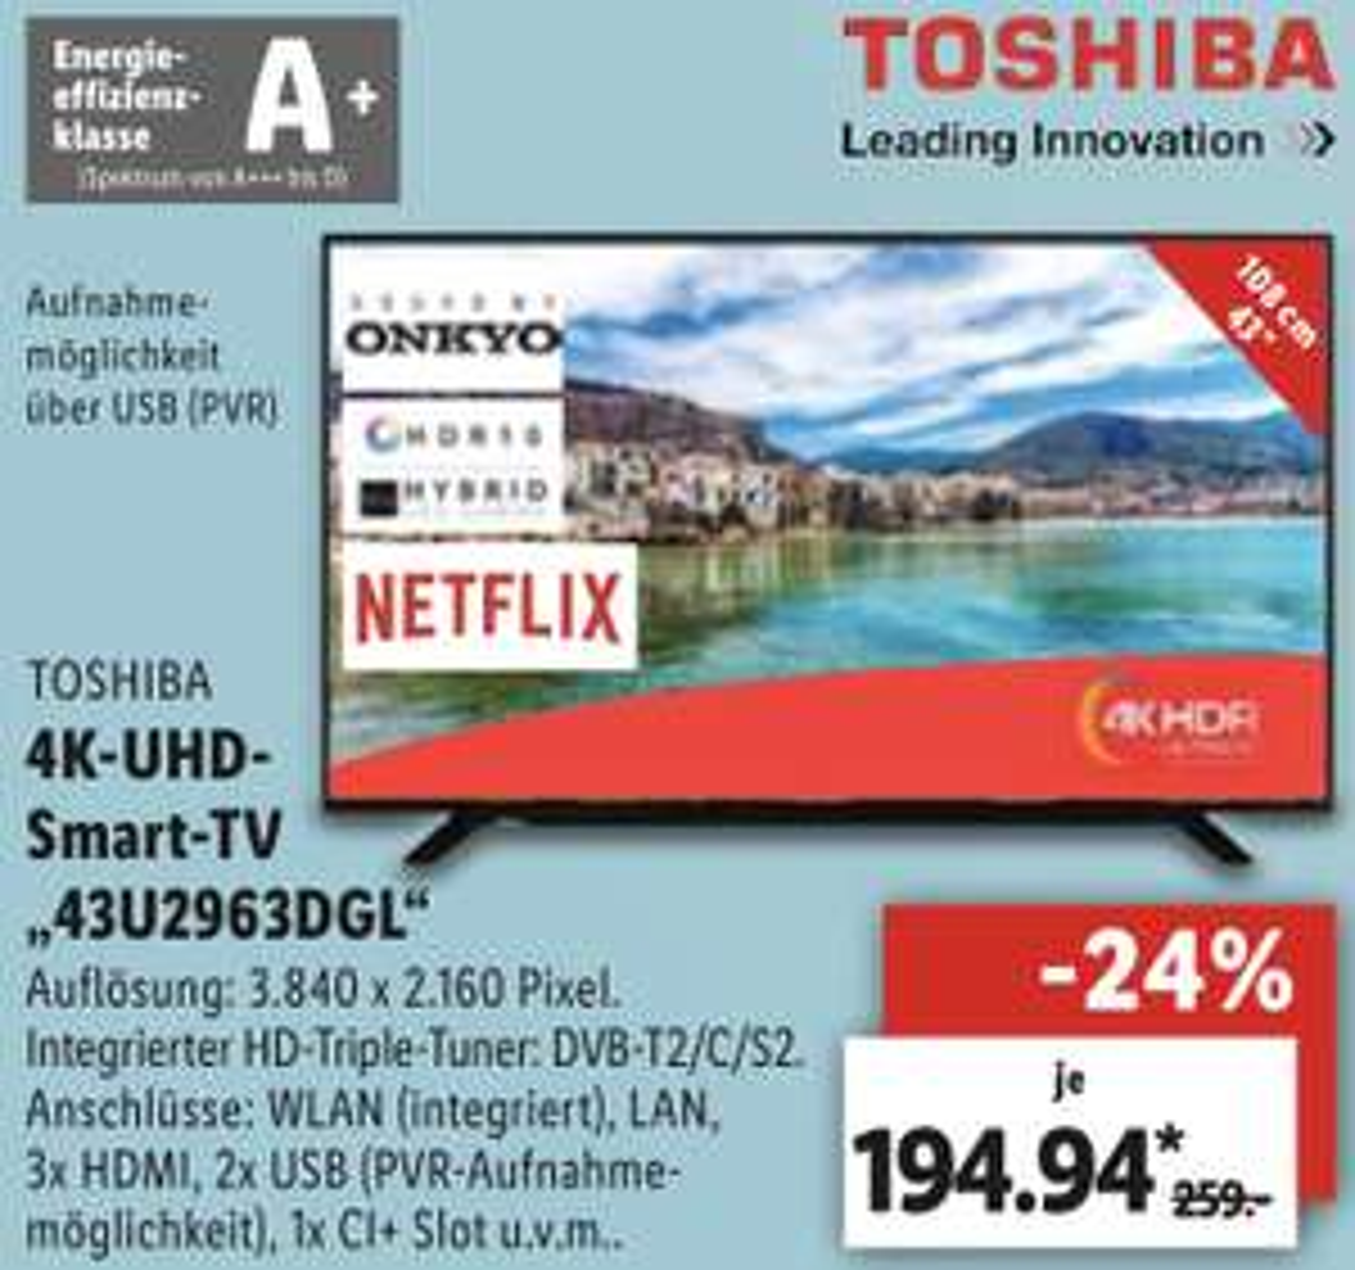 Lokal Lidl: TOSHIBA 108cm 43 Zoll 4K UHD Smart TV mit PVR Aufnahmemöglichkeit Alexa HDR10 Triple Tuner für 189,94€ - Nürnberg u. Schwalbach